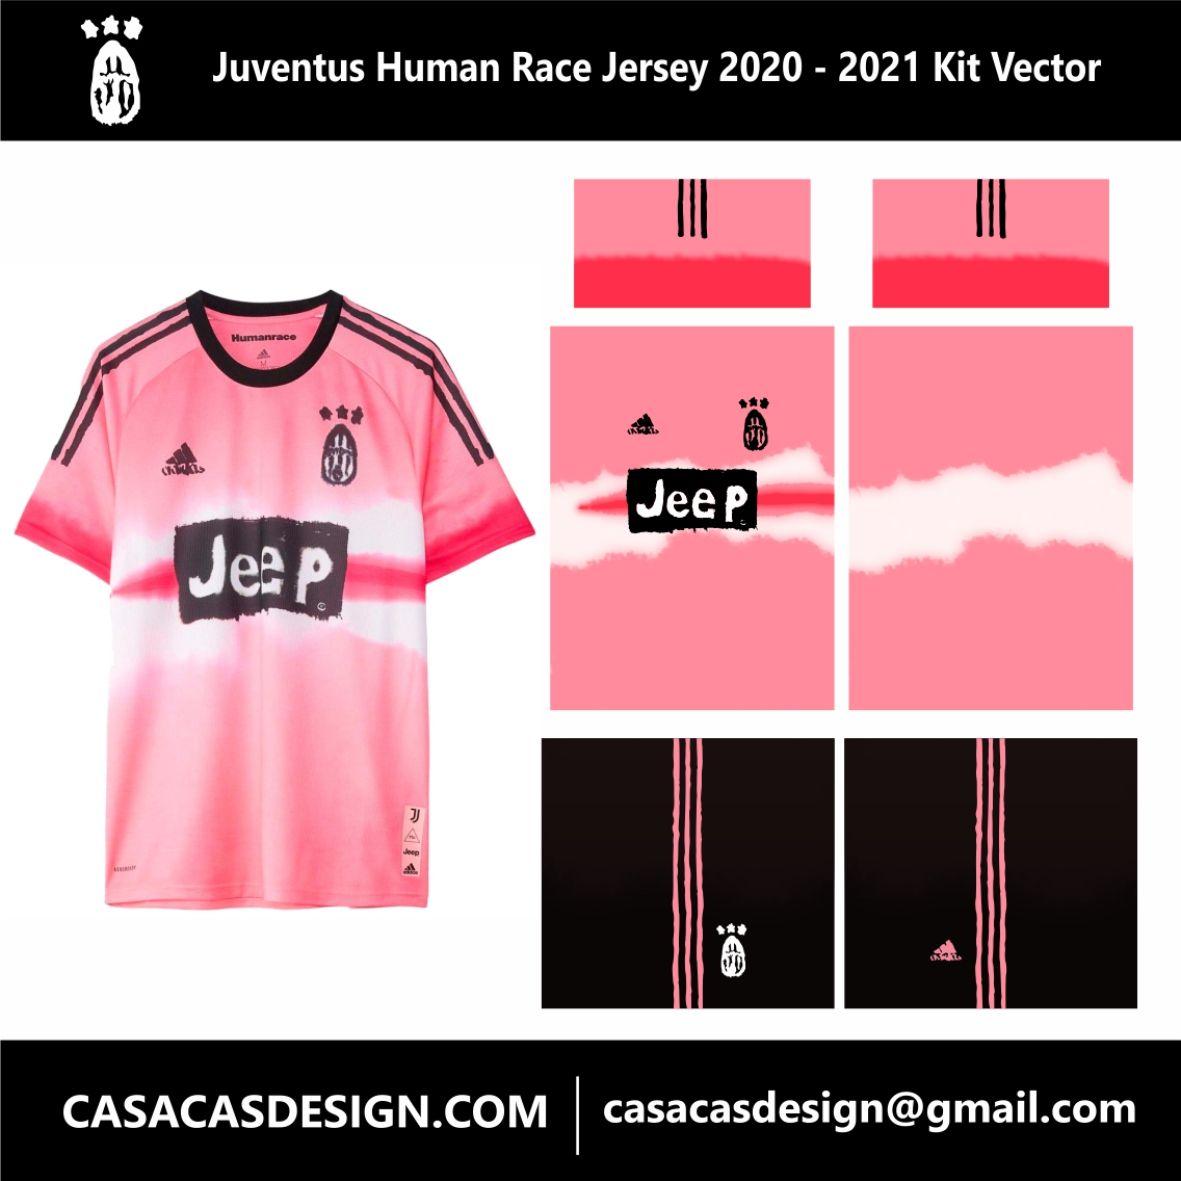 Juventus Human Race Jersey 2020 2021 Kit Vector Human Race Jersey Juventus